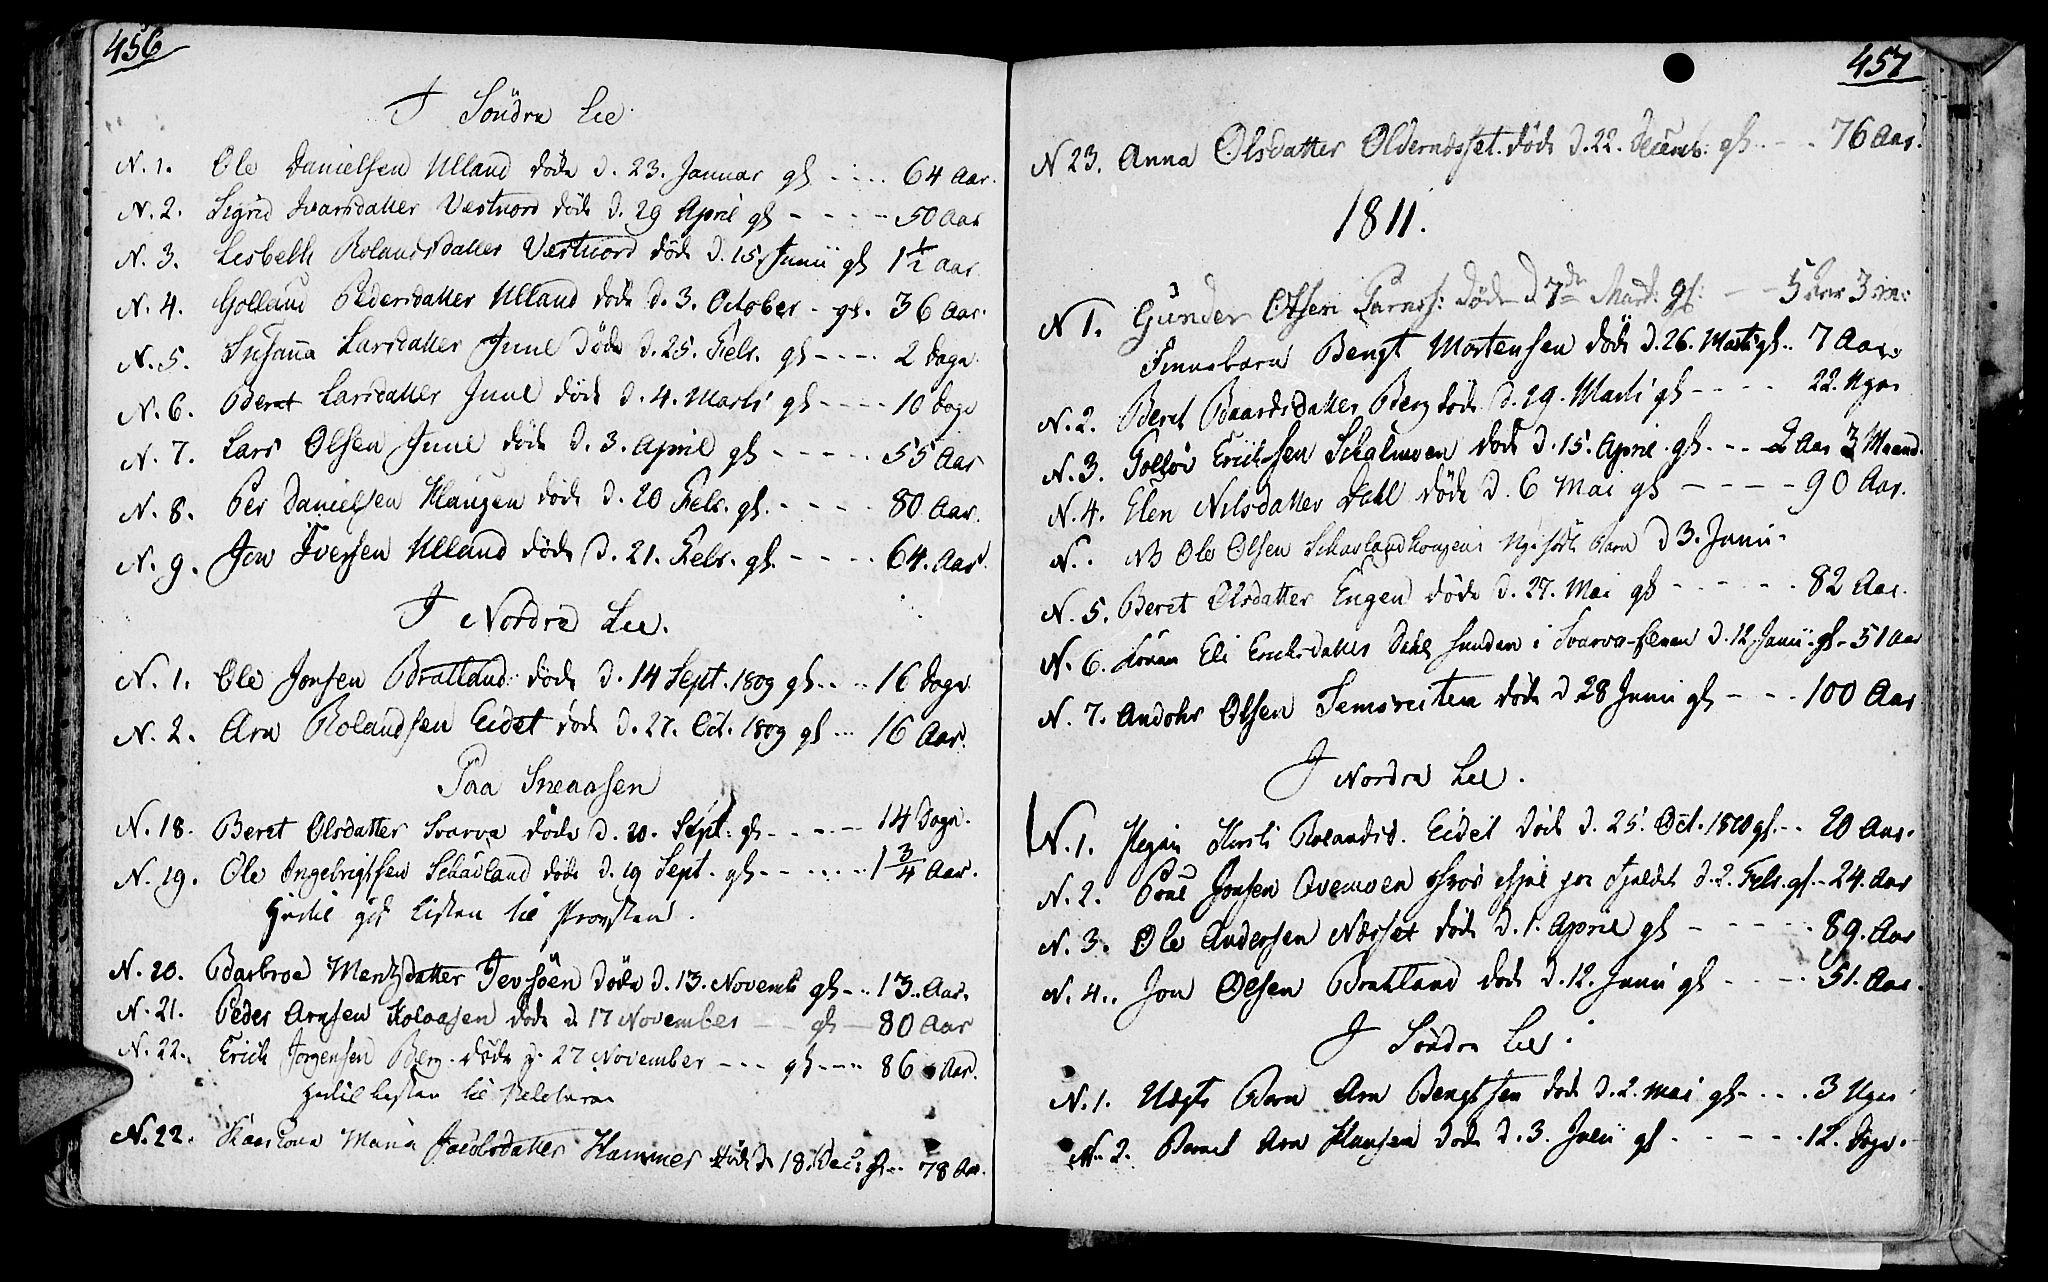 SAT, Ministerialprotokoller, klokkerbøker og fødselsregistre - Nord-Trøndelag, 749/L0468: Ministerialbok nr. 749A02, 1787-1817, s. 456-457